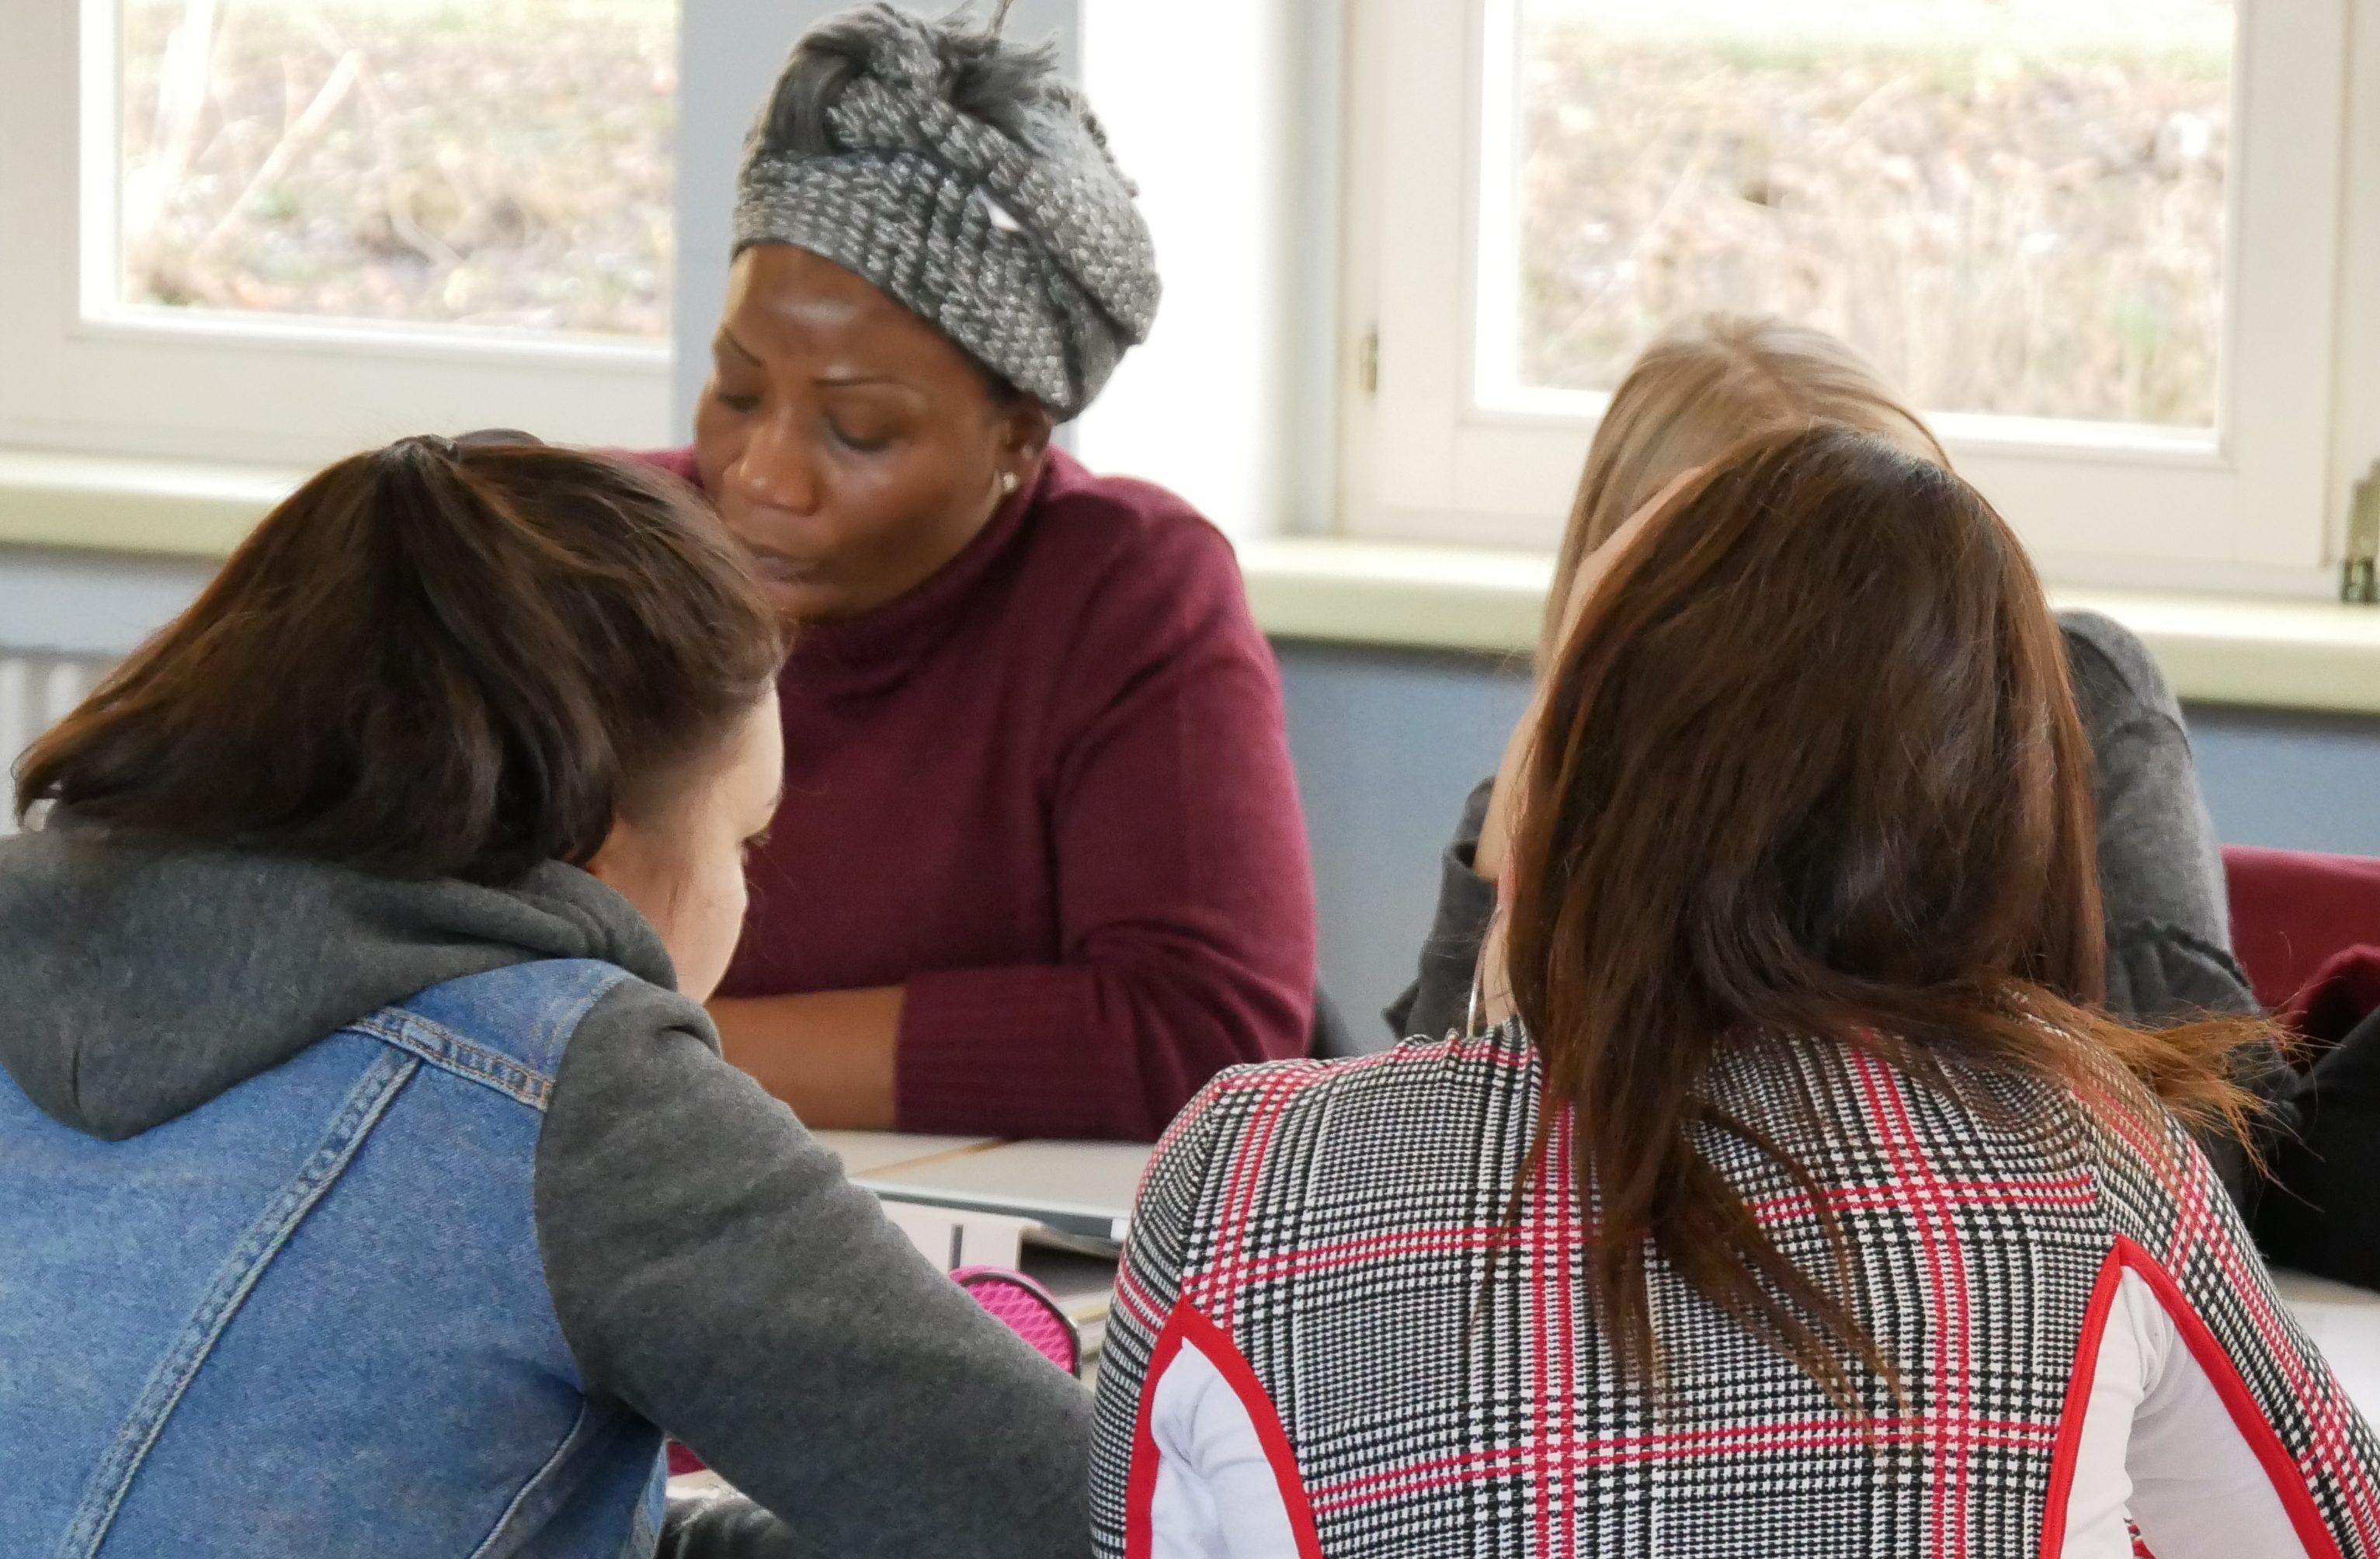 Fachschülerinnen üben sich an einem Schutzkonzept in Einfacher Sprache. Foto: Roth